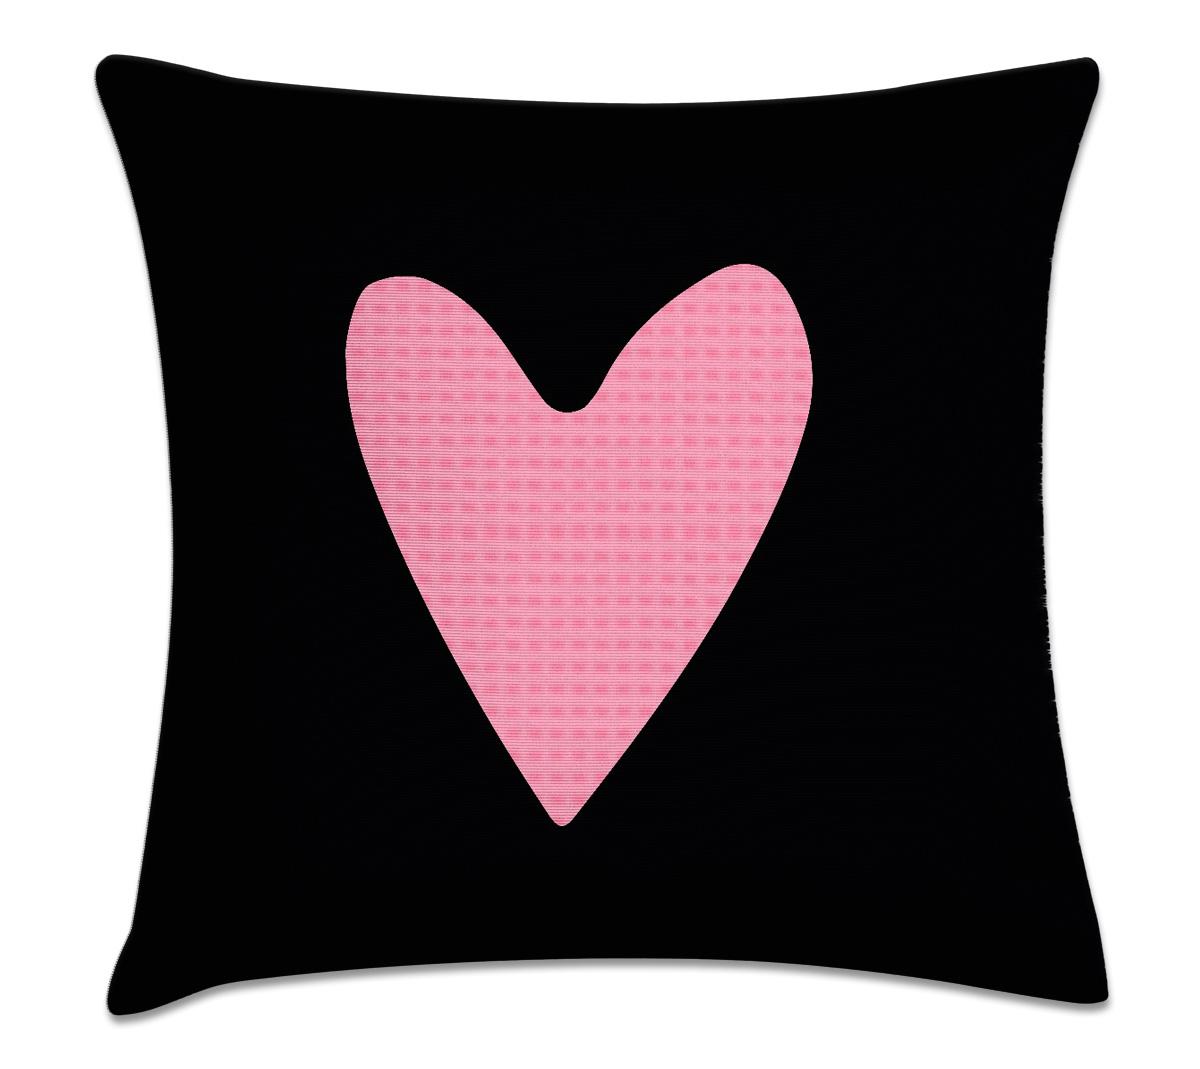 4a67270b060f13 Capa de almofada coração rosa e preto